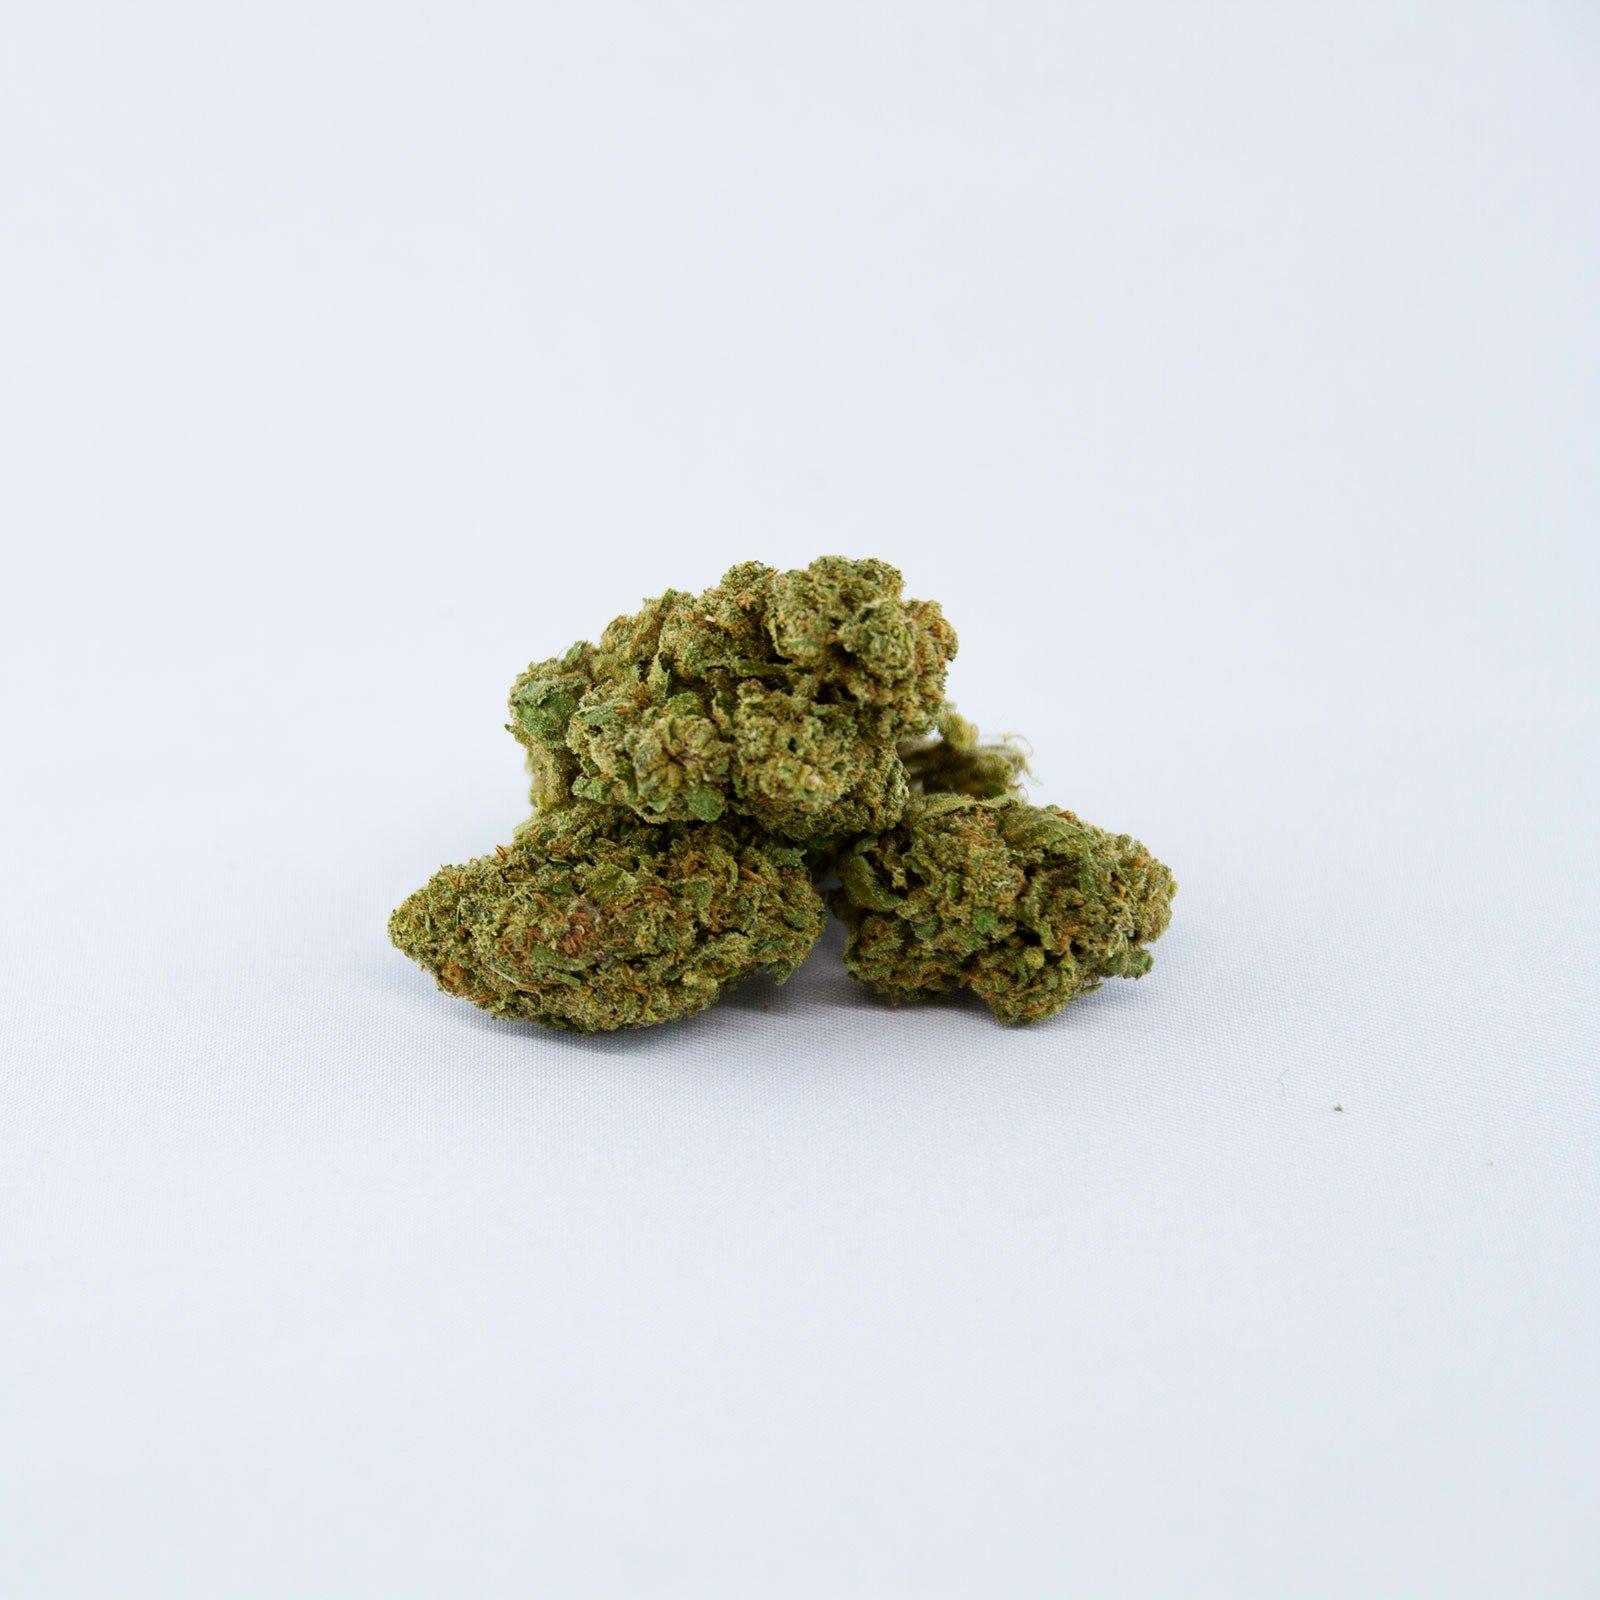 Image de variété SOUS SERRE CANNATONIC Fleurs de Cannabis CBD 100% légal